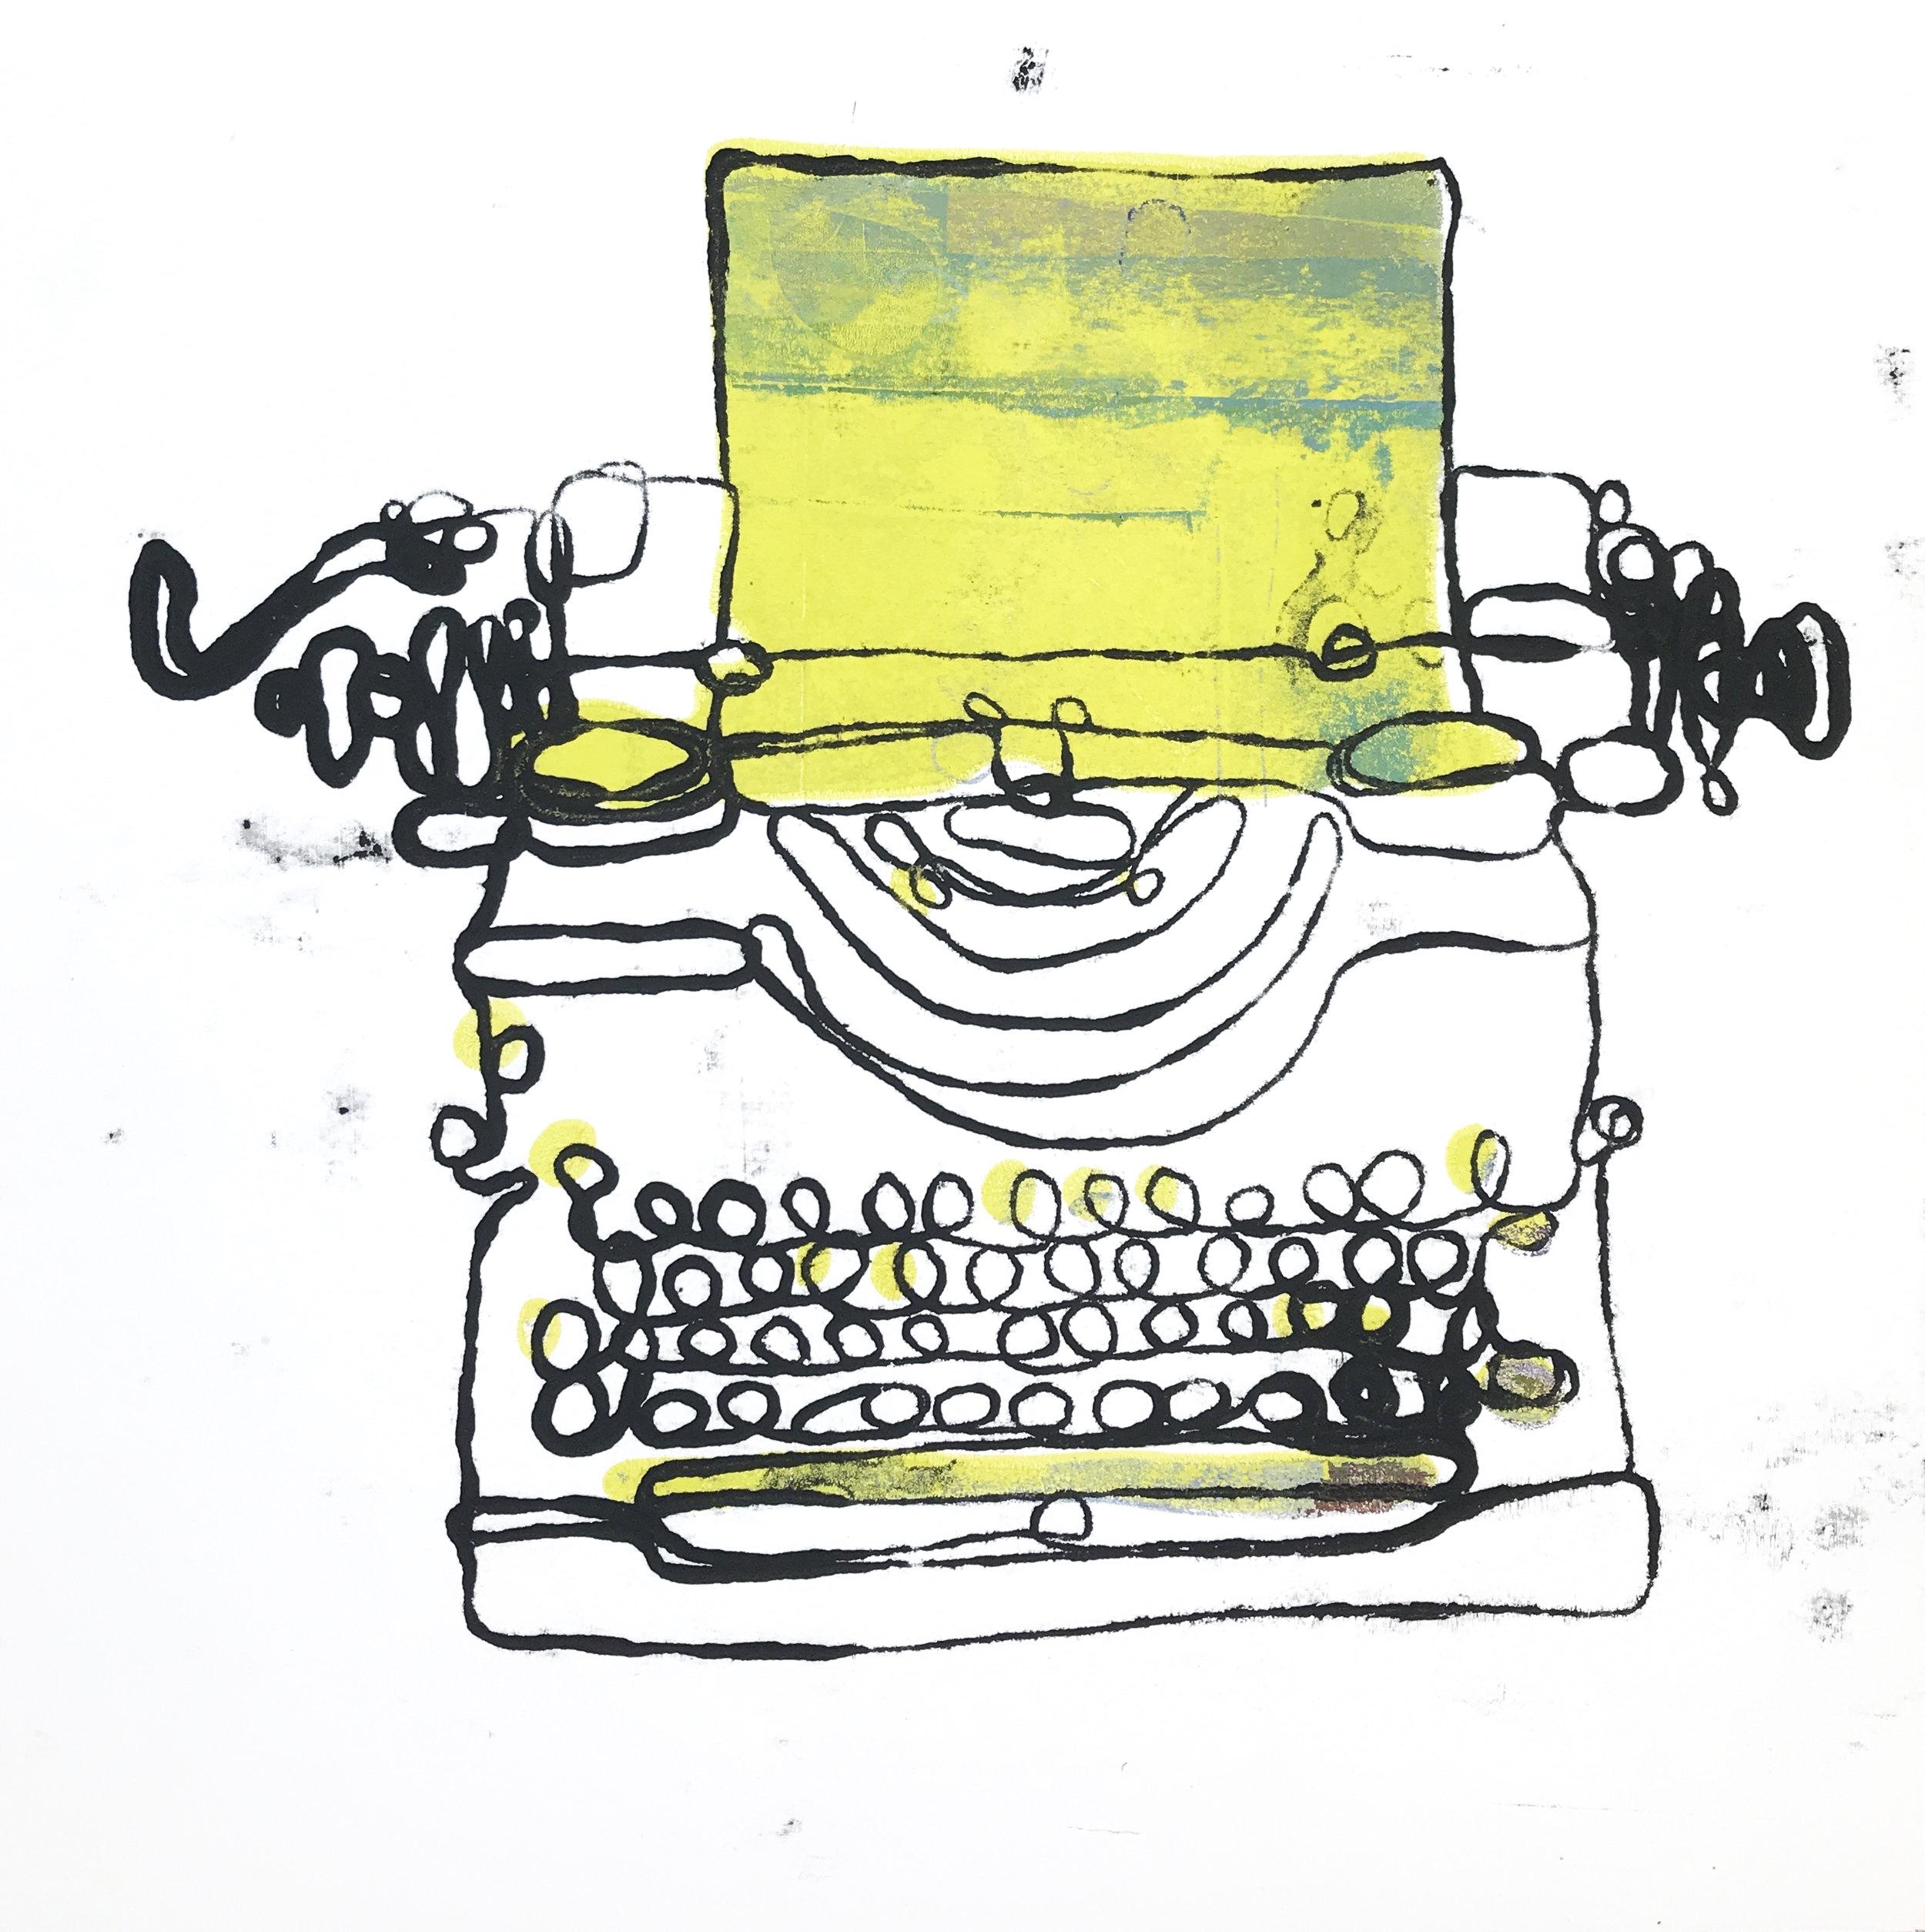 Typewriter Monoprint (number 1)